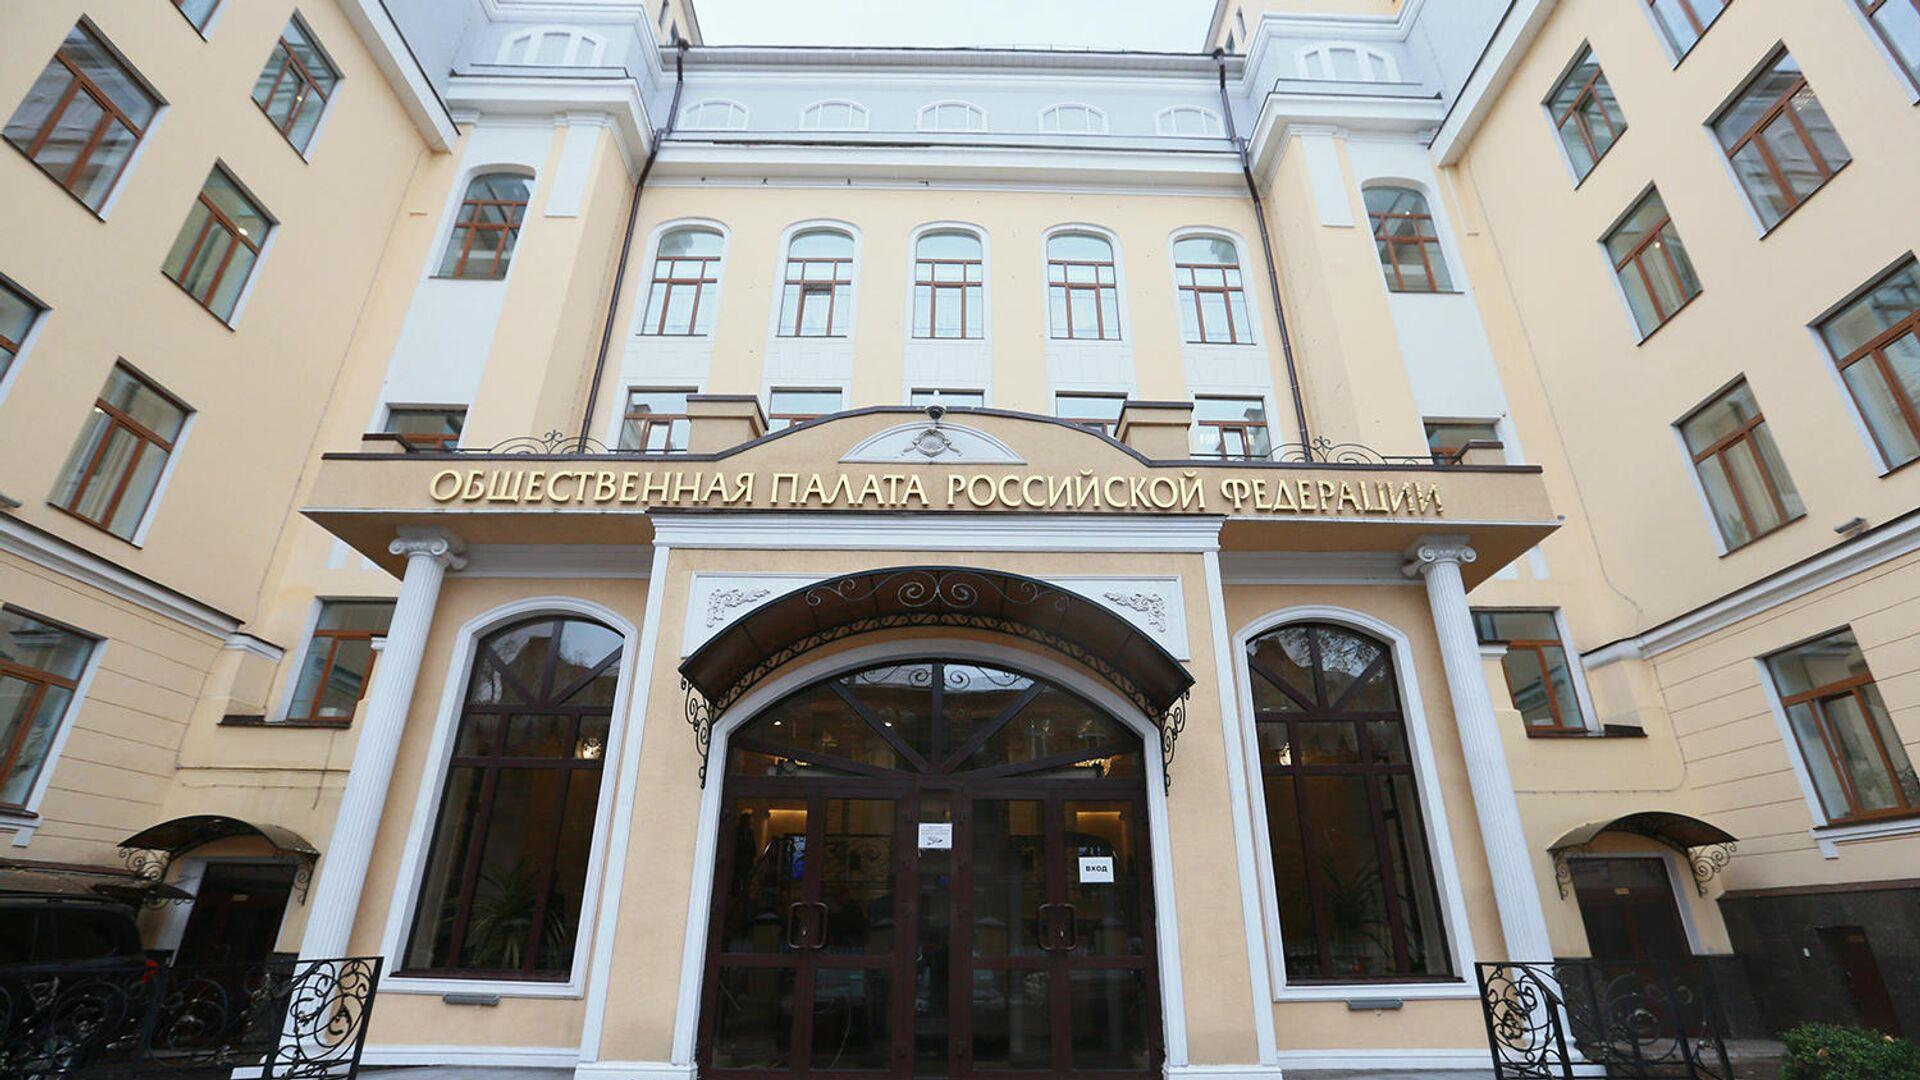 Здание Общественной палаты РФ в Москве - РИА Новости, 1920, 25.11.2020